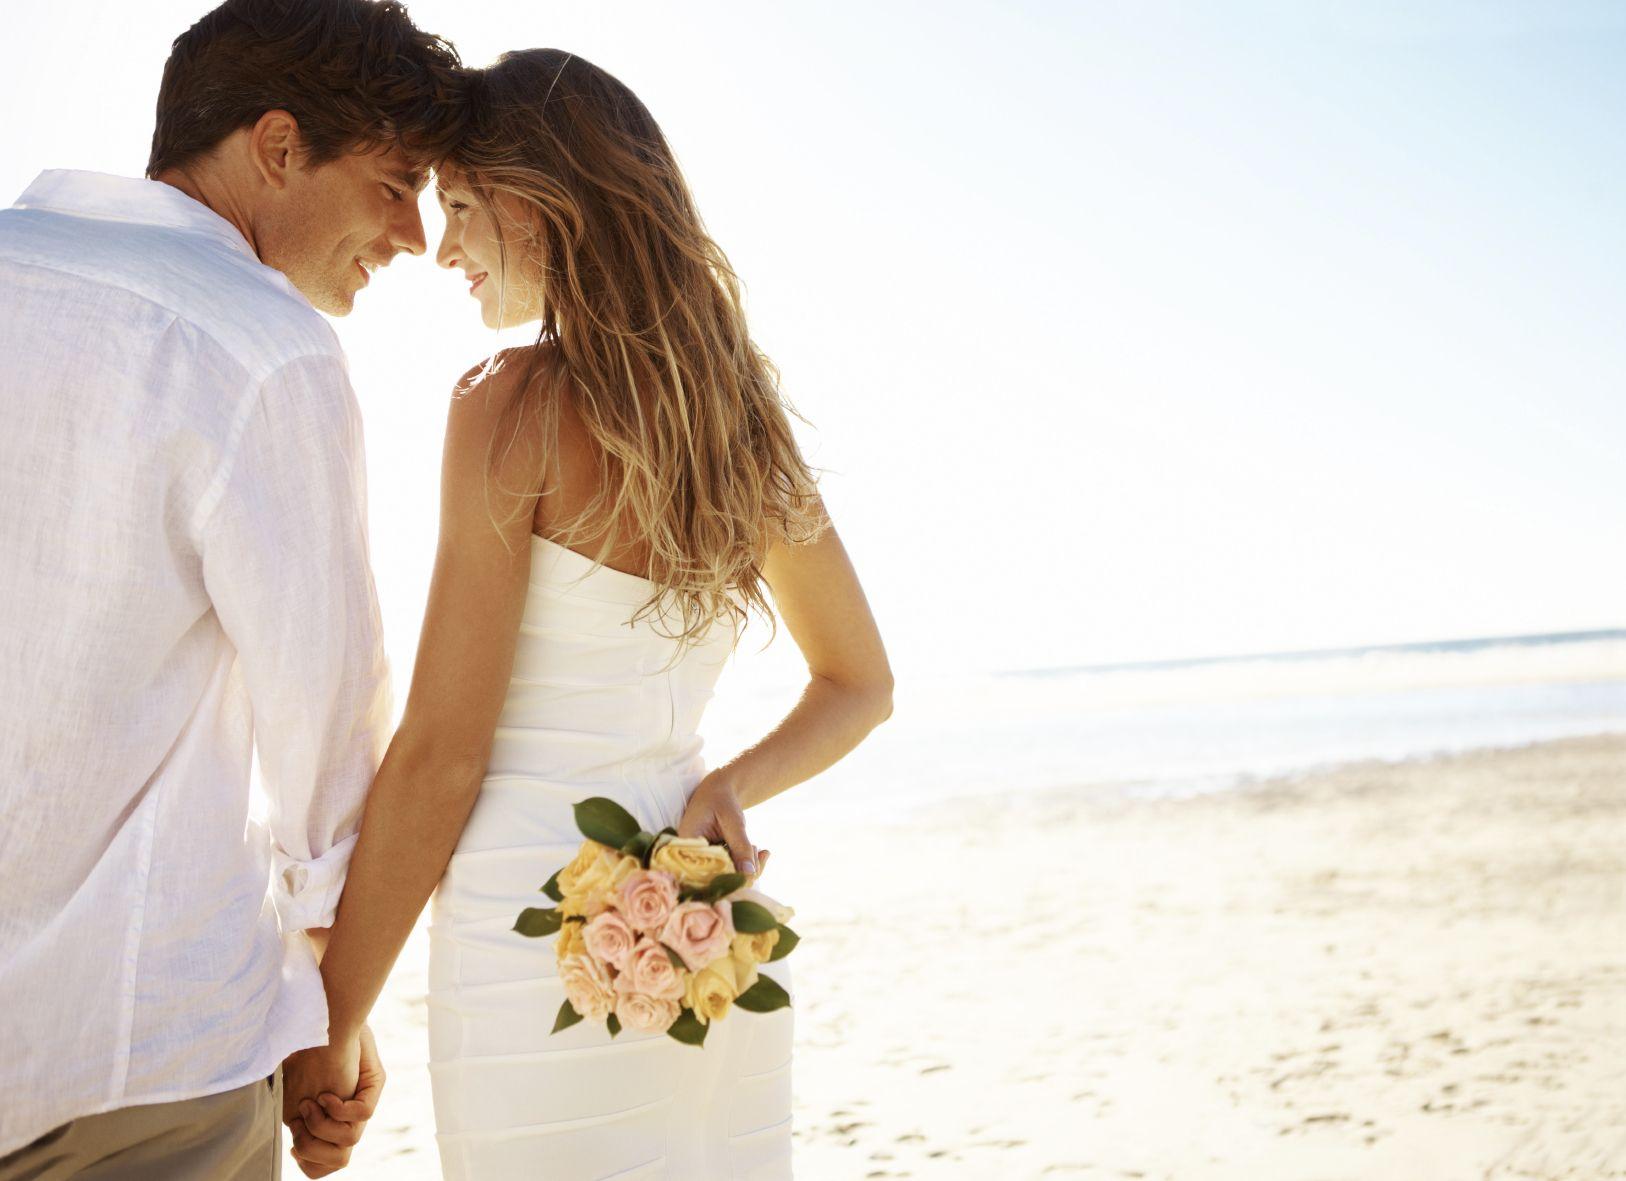 Полгодиком, картинки свадьбы и любви